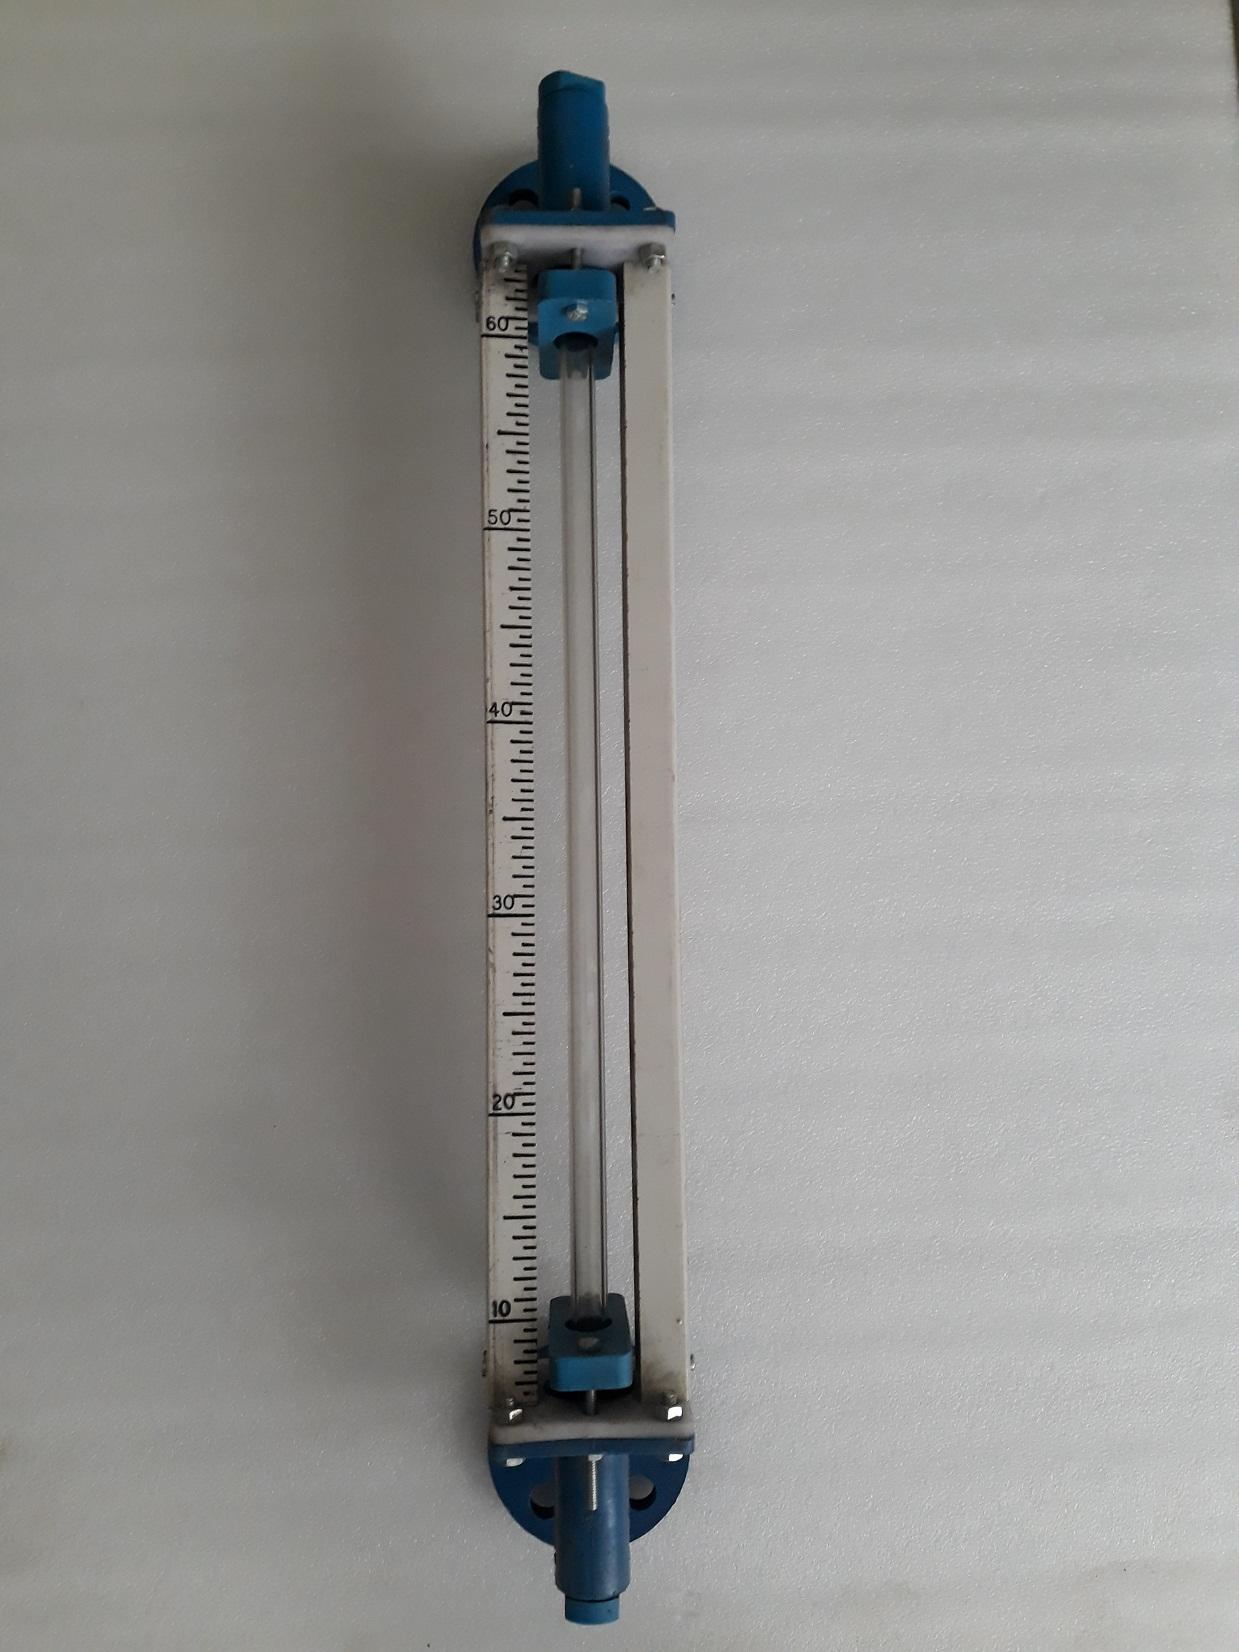 Side Mounted Tubular Level Indicator